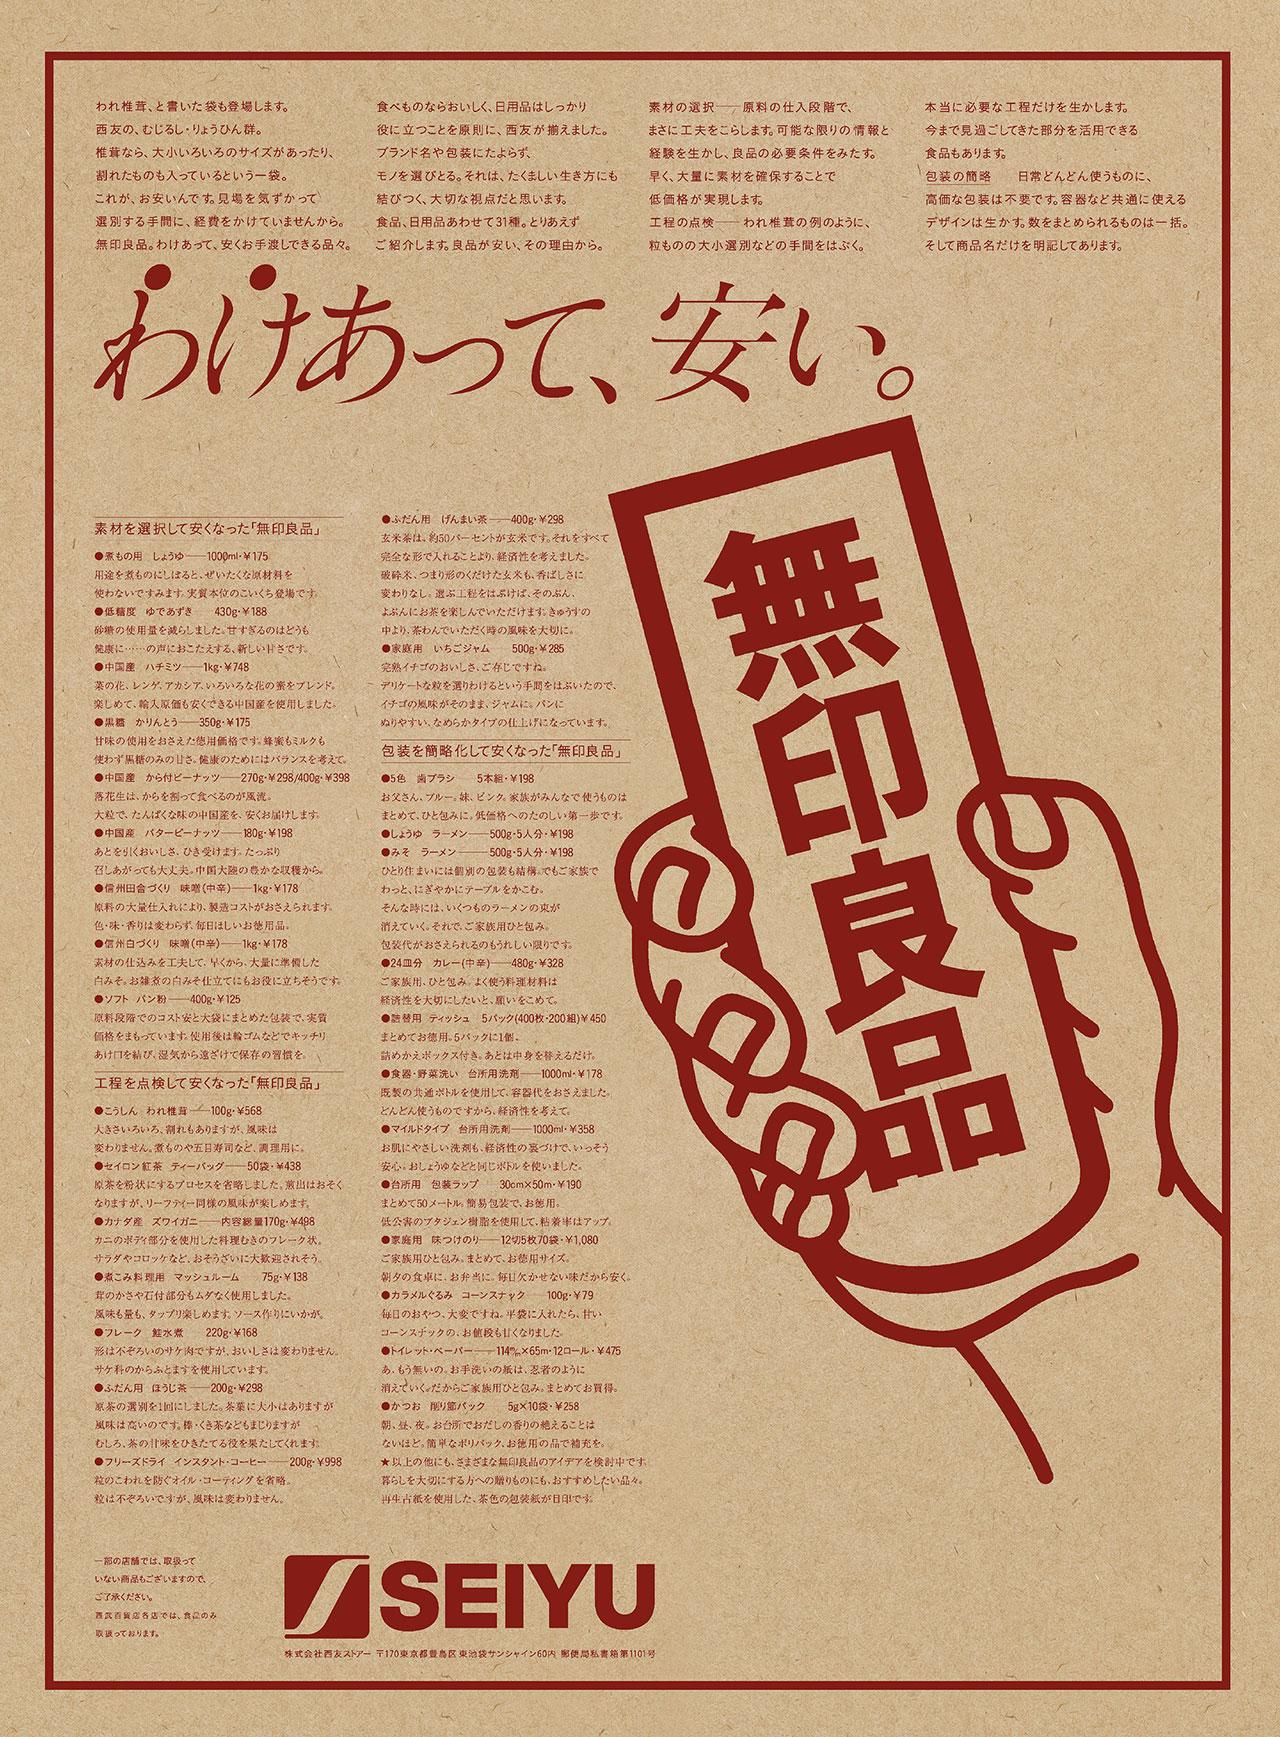 1980年の無印良品の企業広告「わけあって、安い」